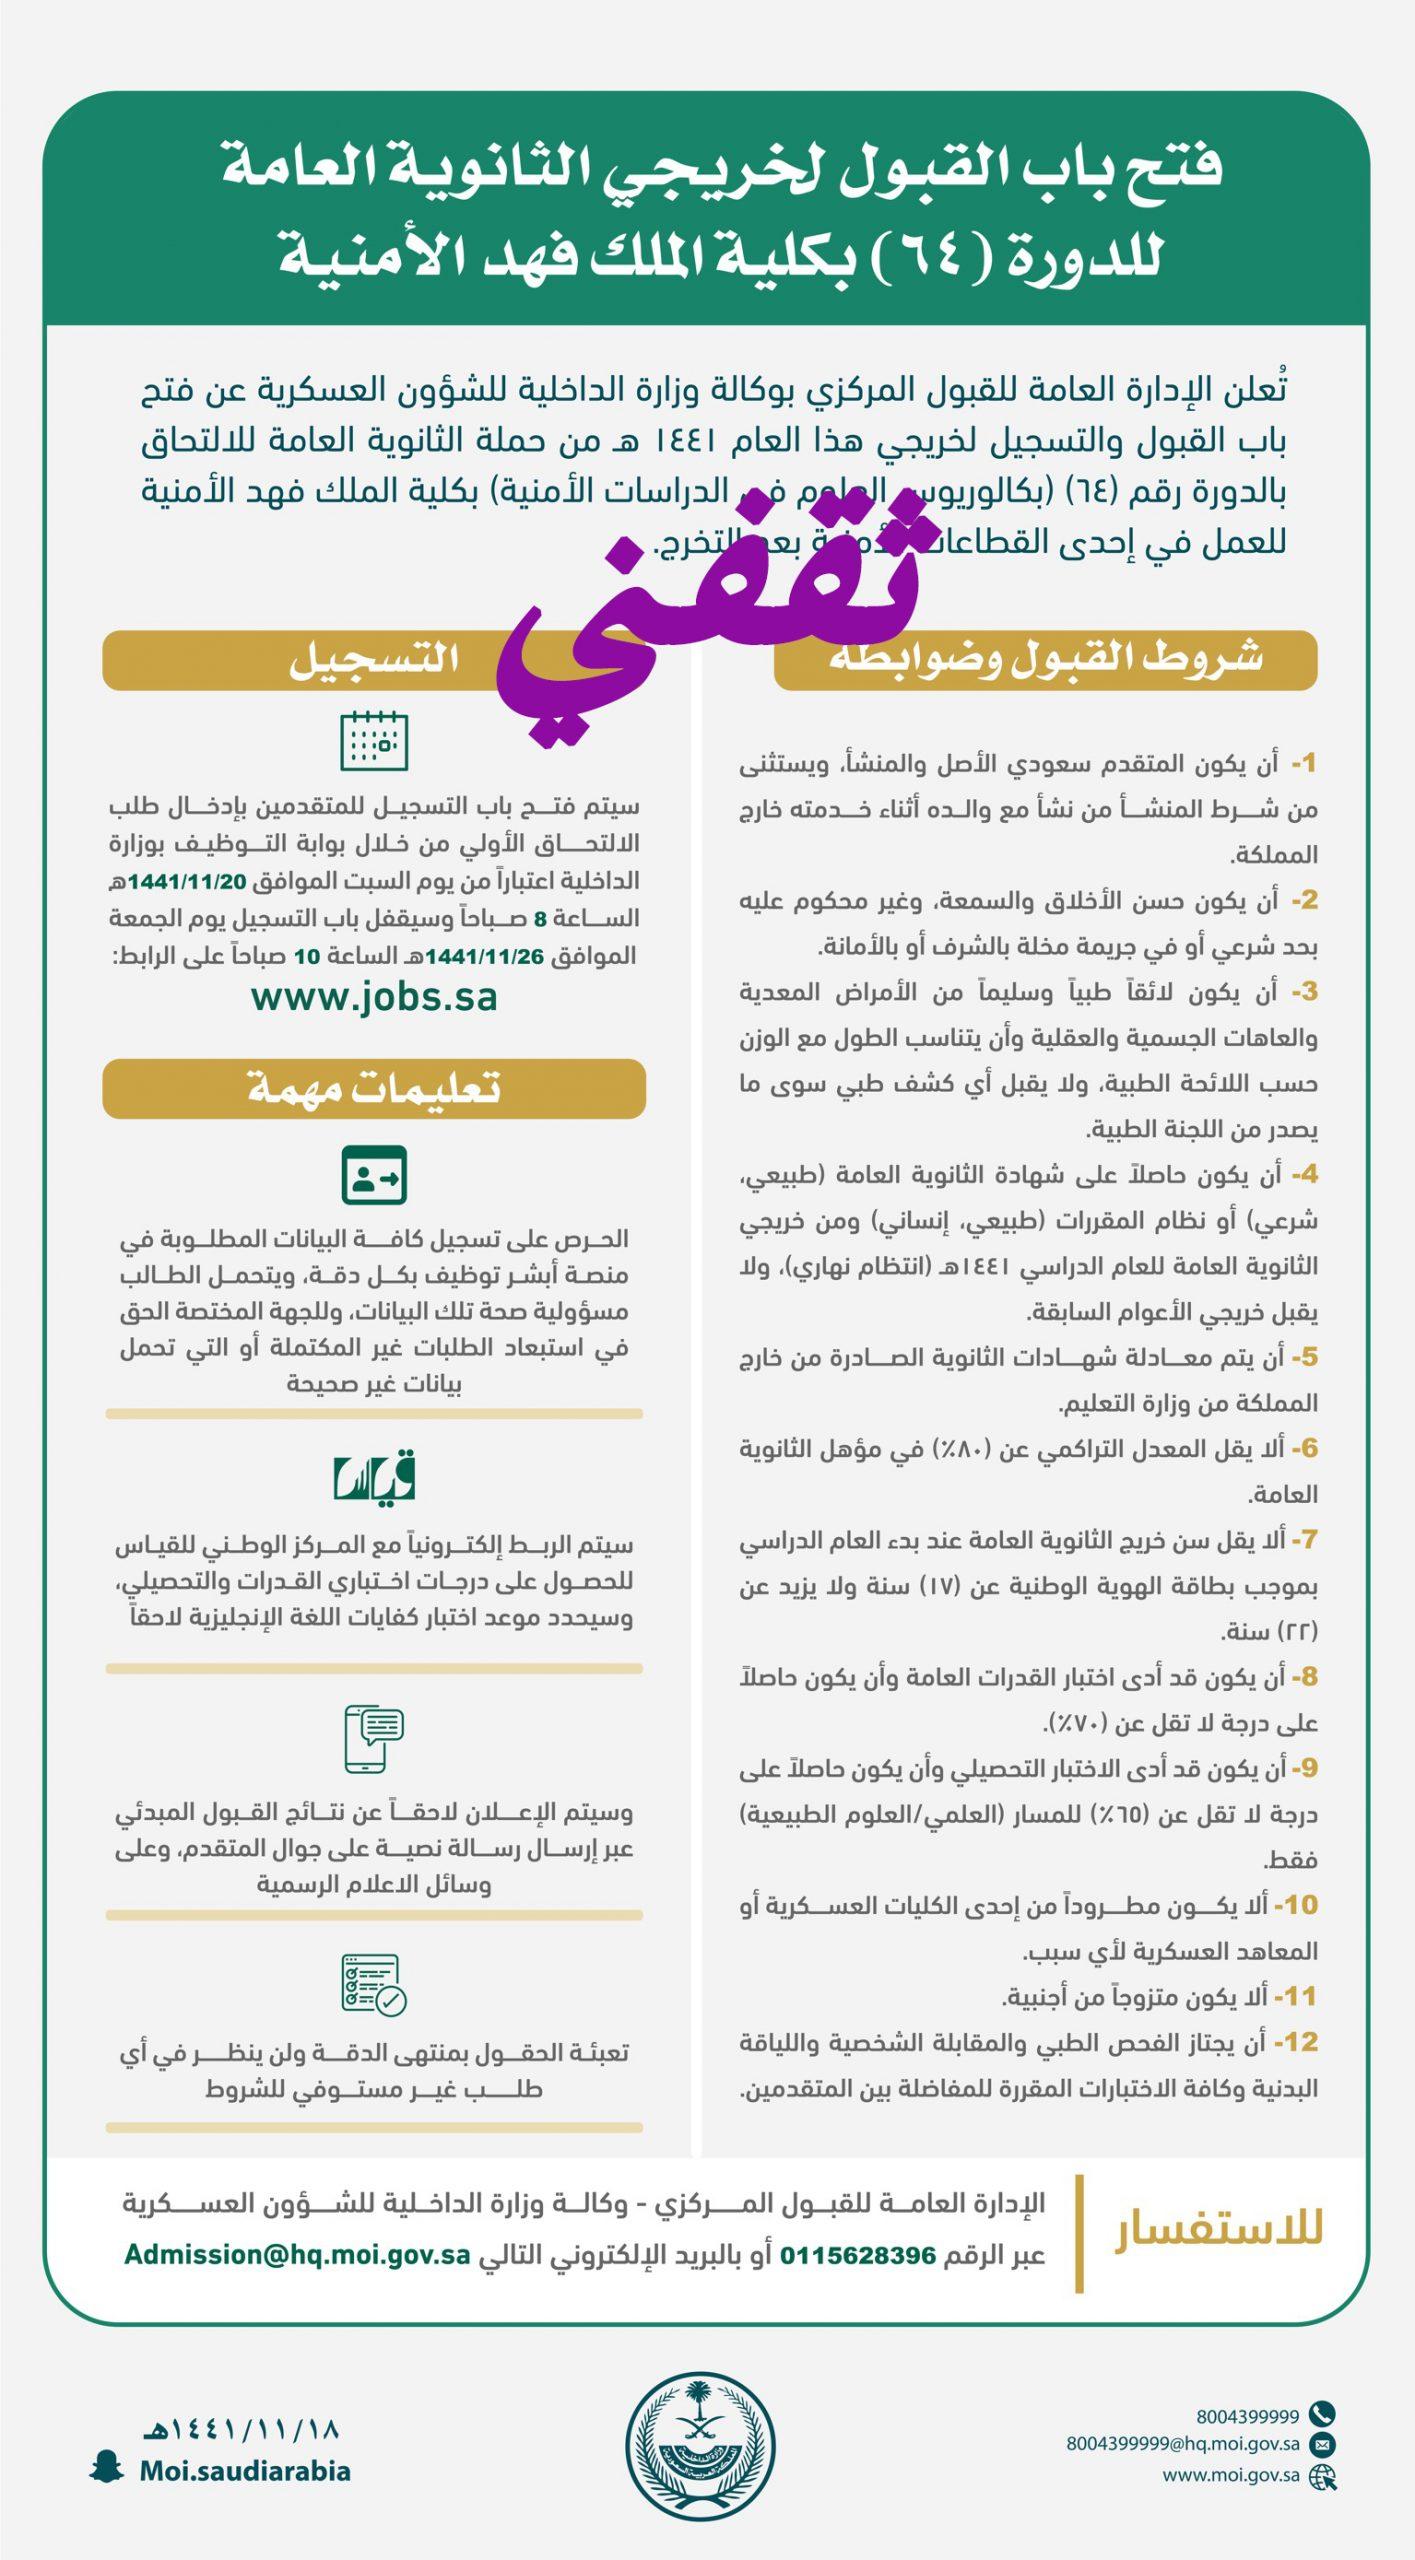 رابط التسجيل بكلية الملك فهد الأمنية لخريجي الثانوية العامة وشروط التقديم ثقفني